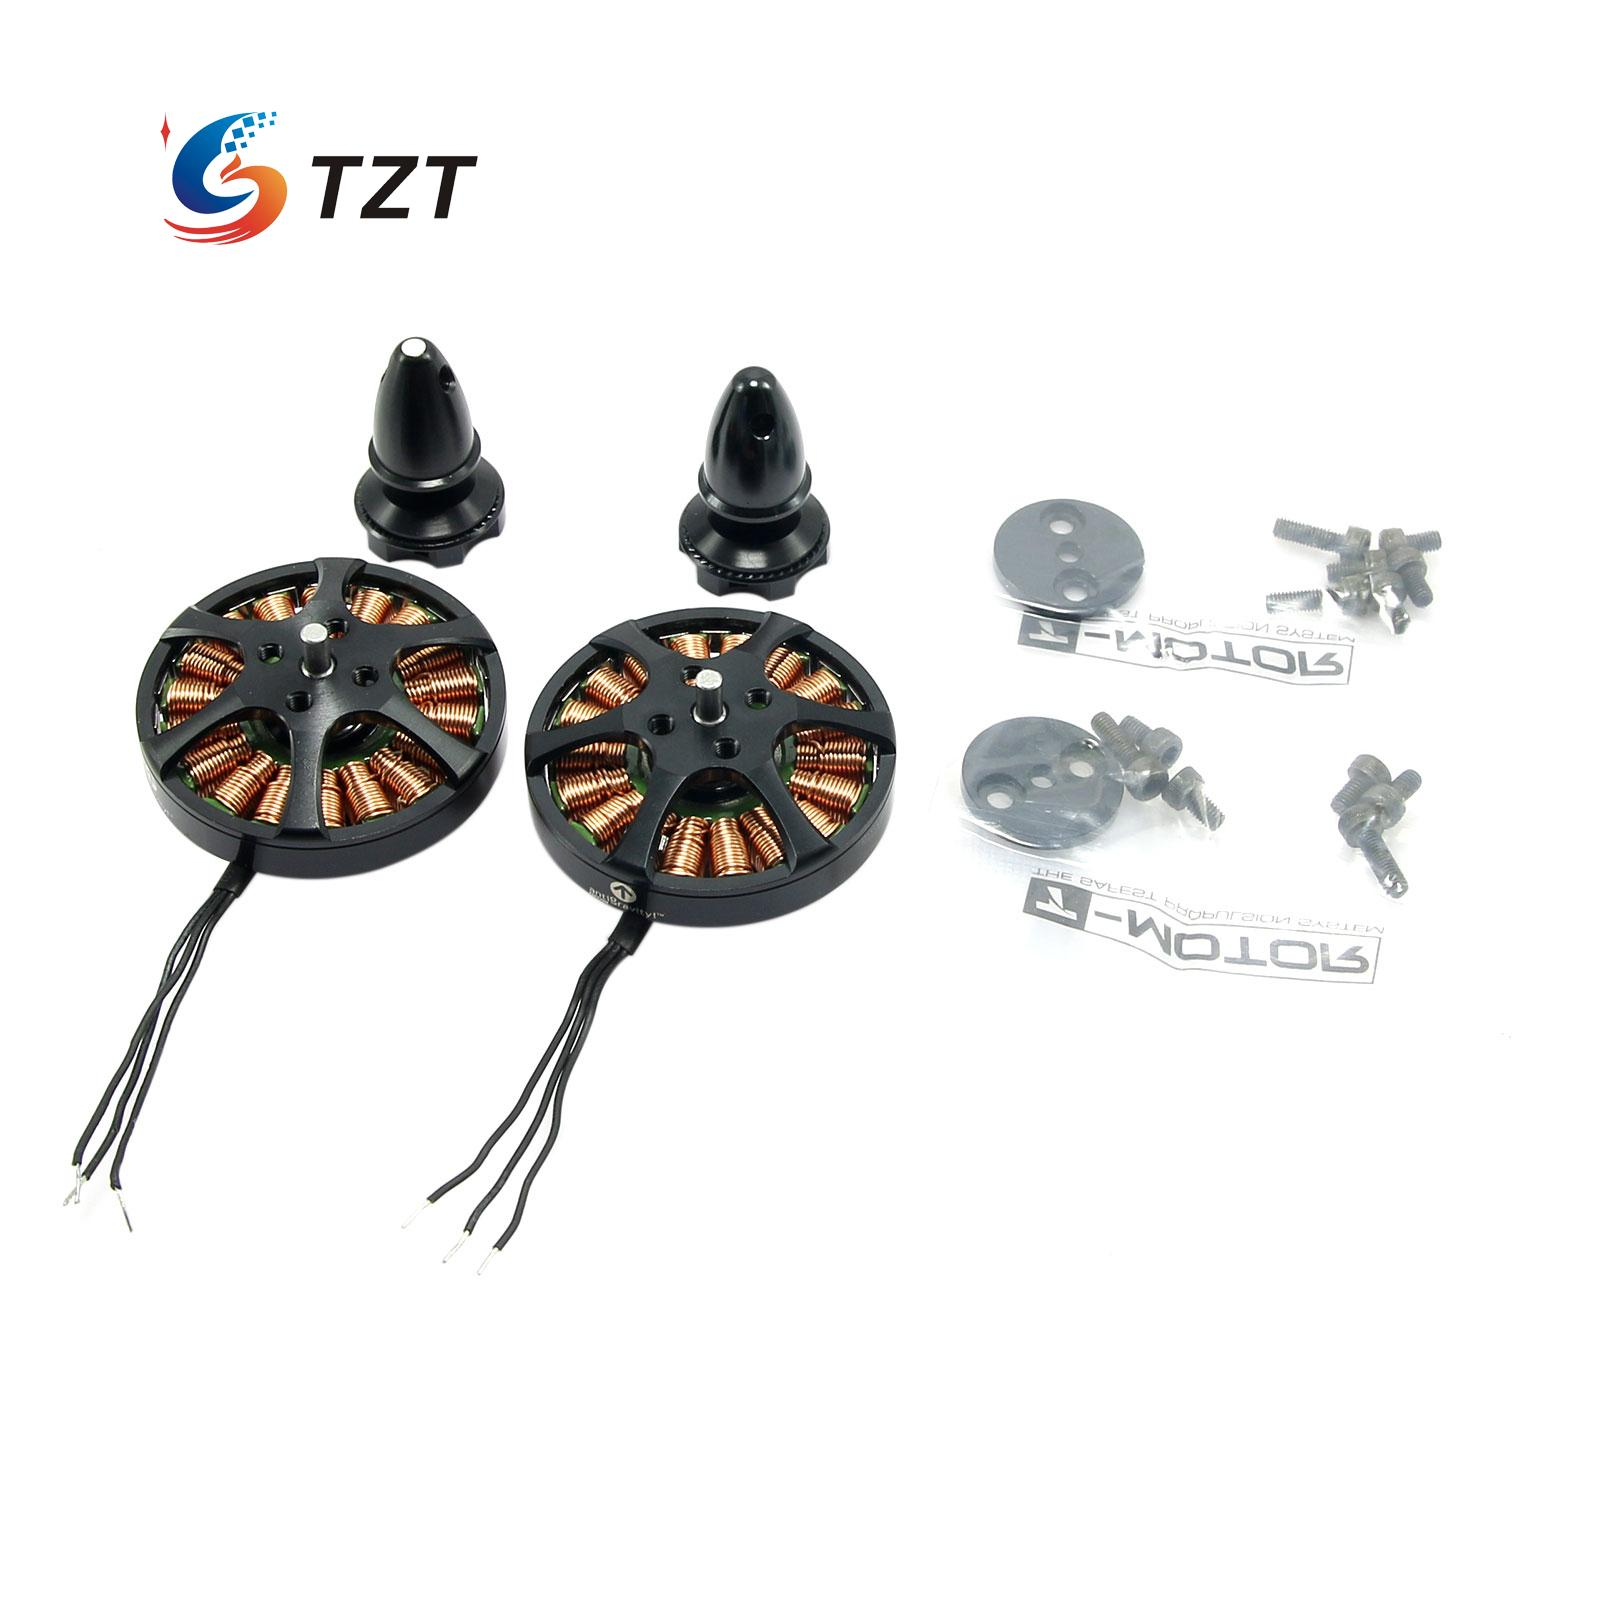 T Motor Antigravity 4004 Brushless Motor 300KV 18N24P for